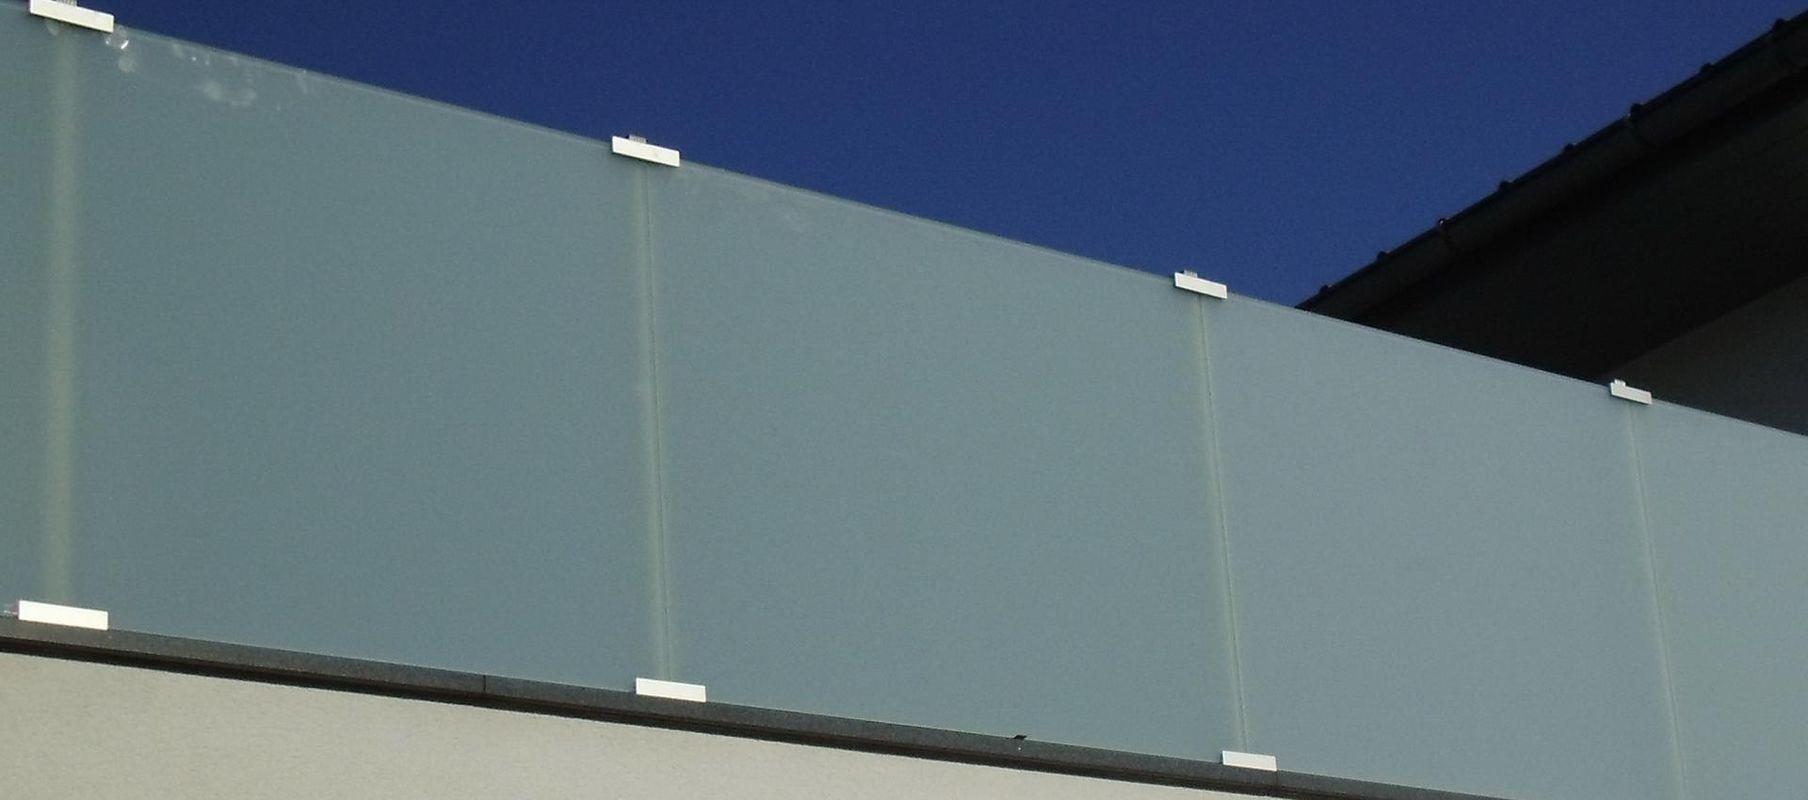 brix glass clips sichtschutz system brix sichtschutz aus. Black Bedroom Furniture Sets. Home Design Ideas